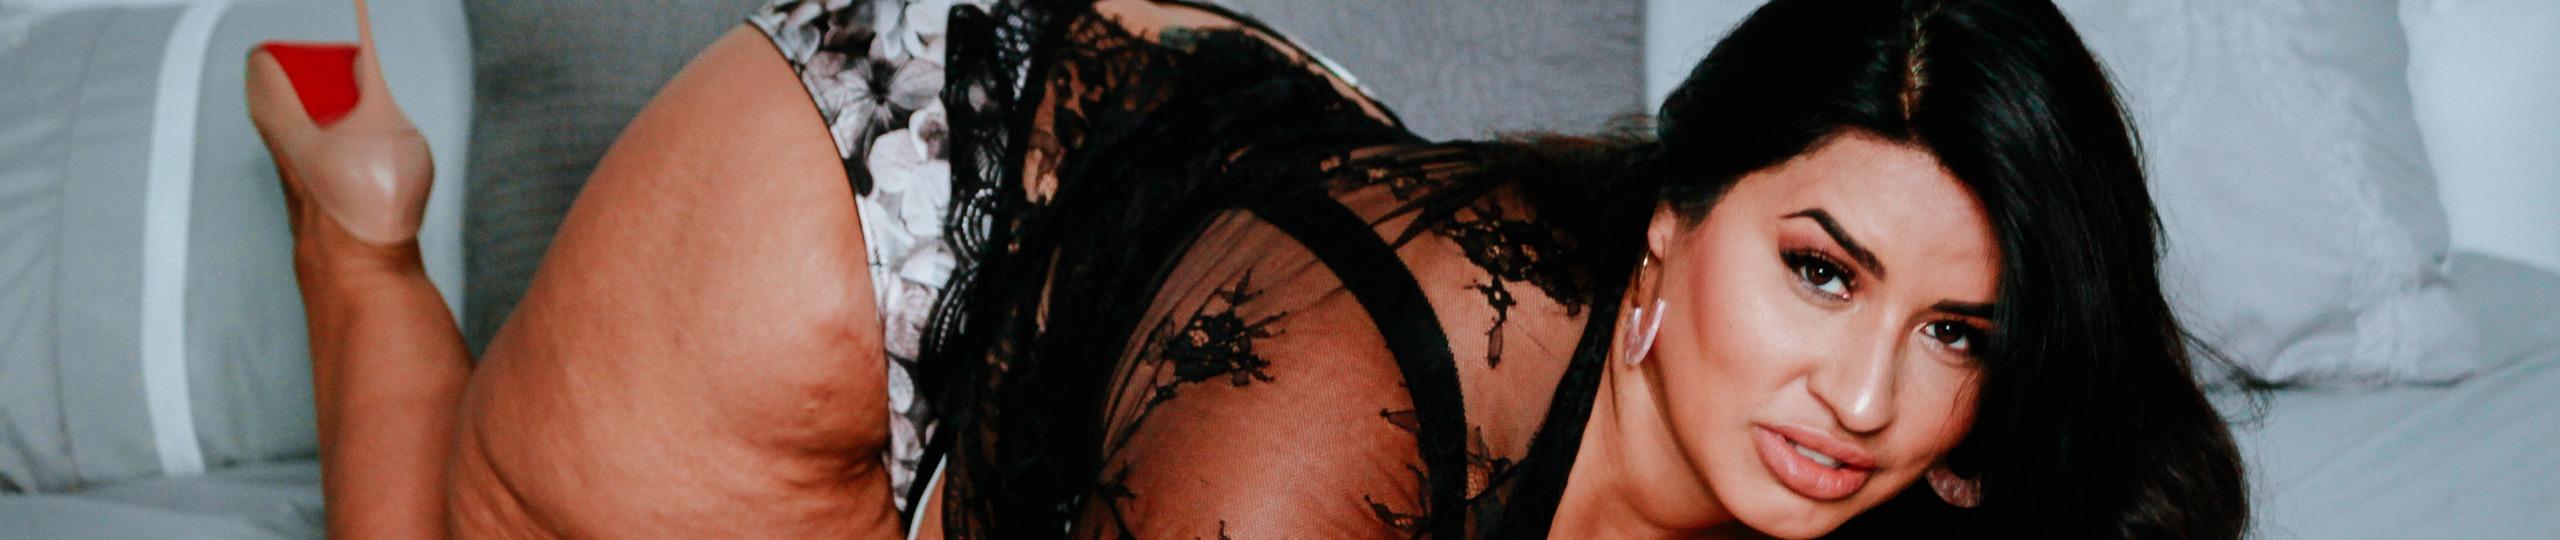 IloveSofiaRose - profile image